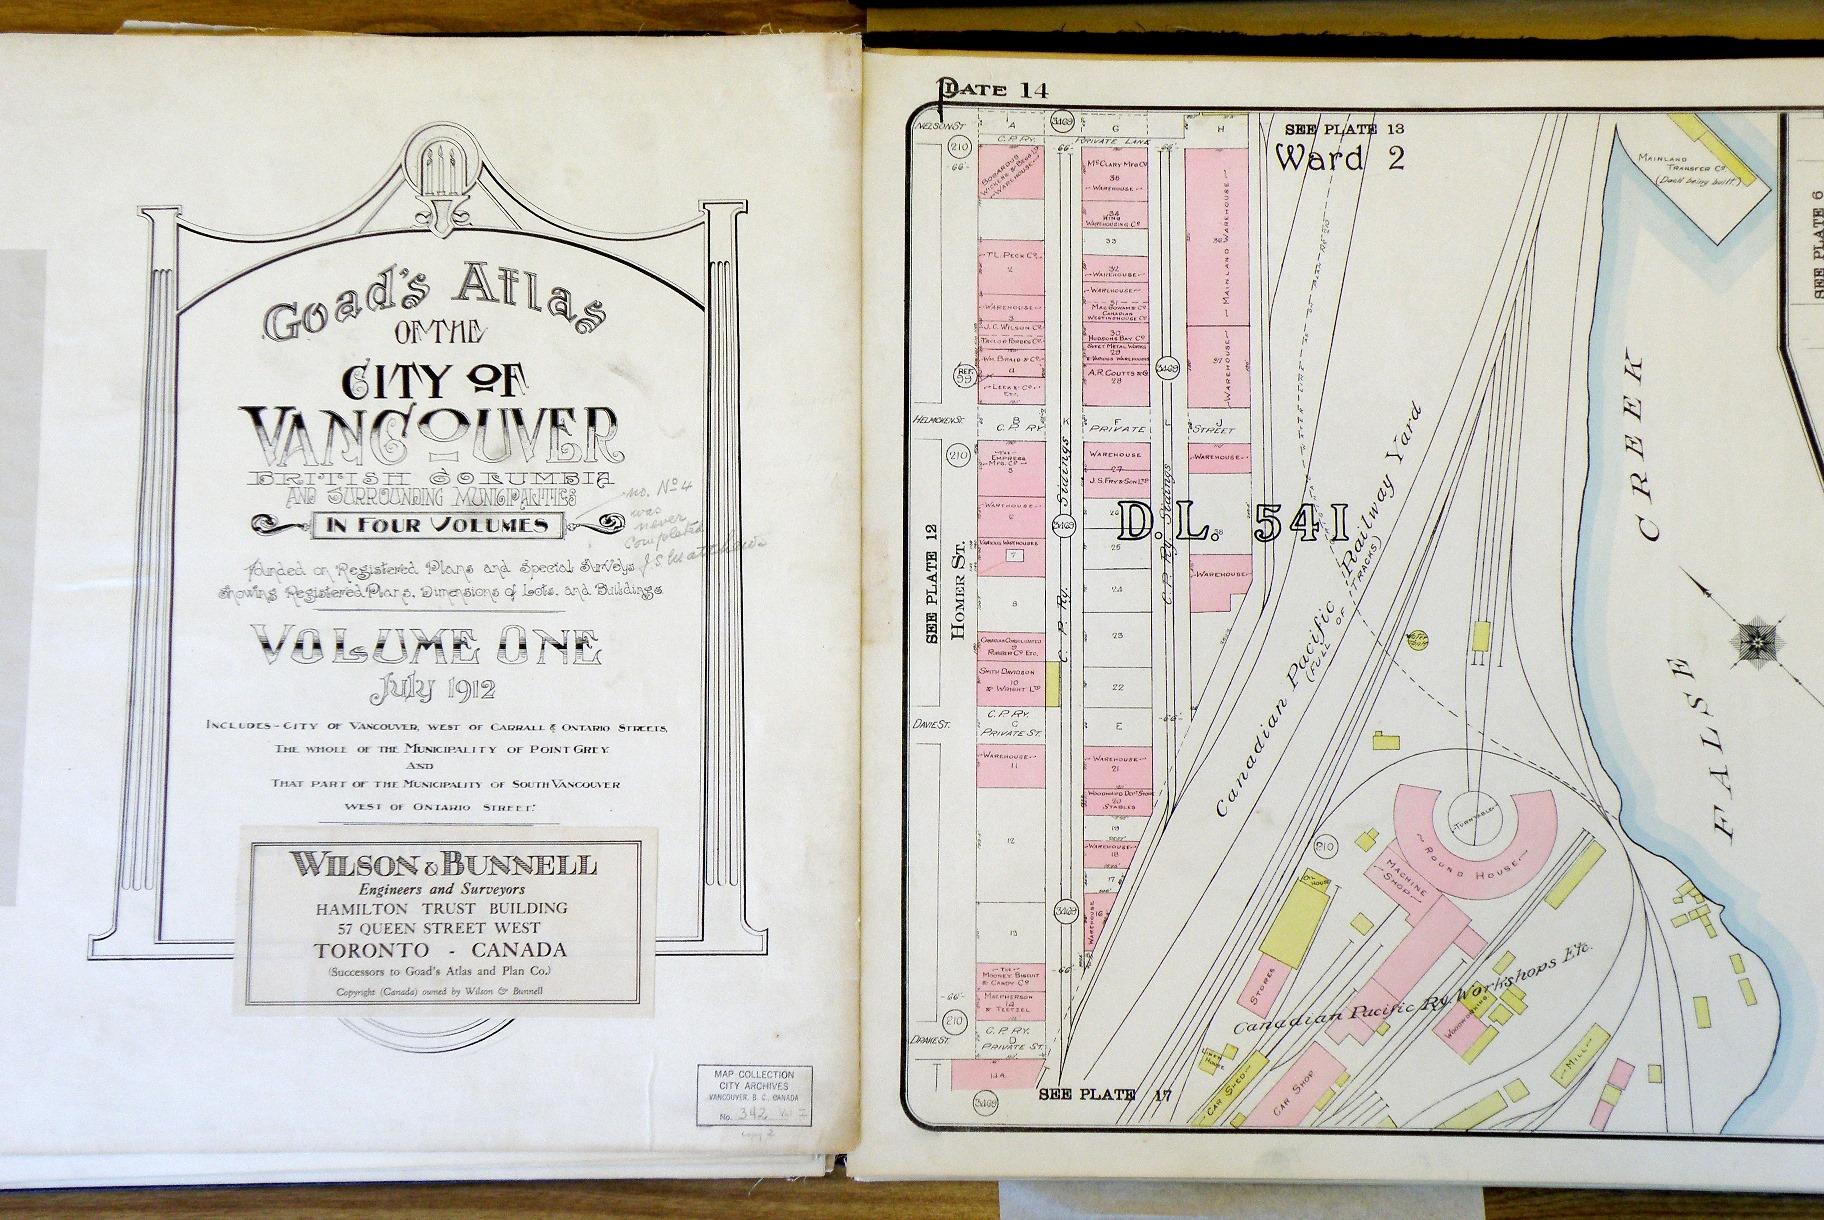 1912 Goad's Atlas